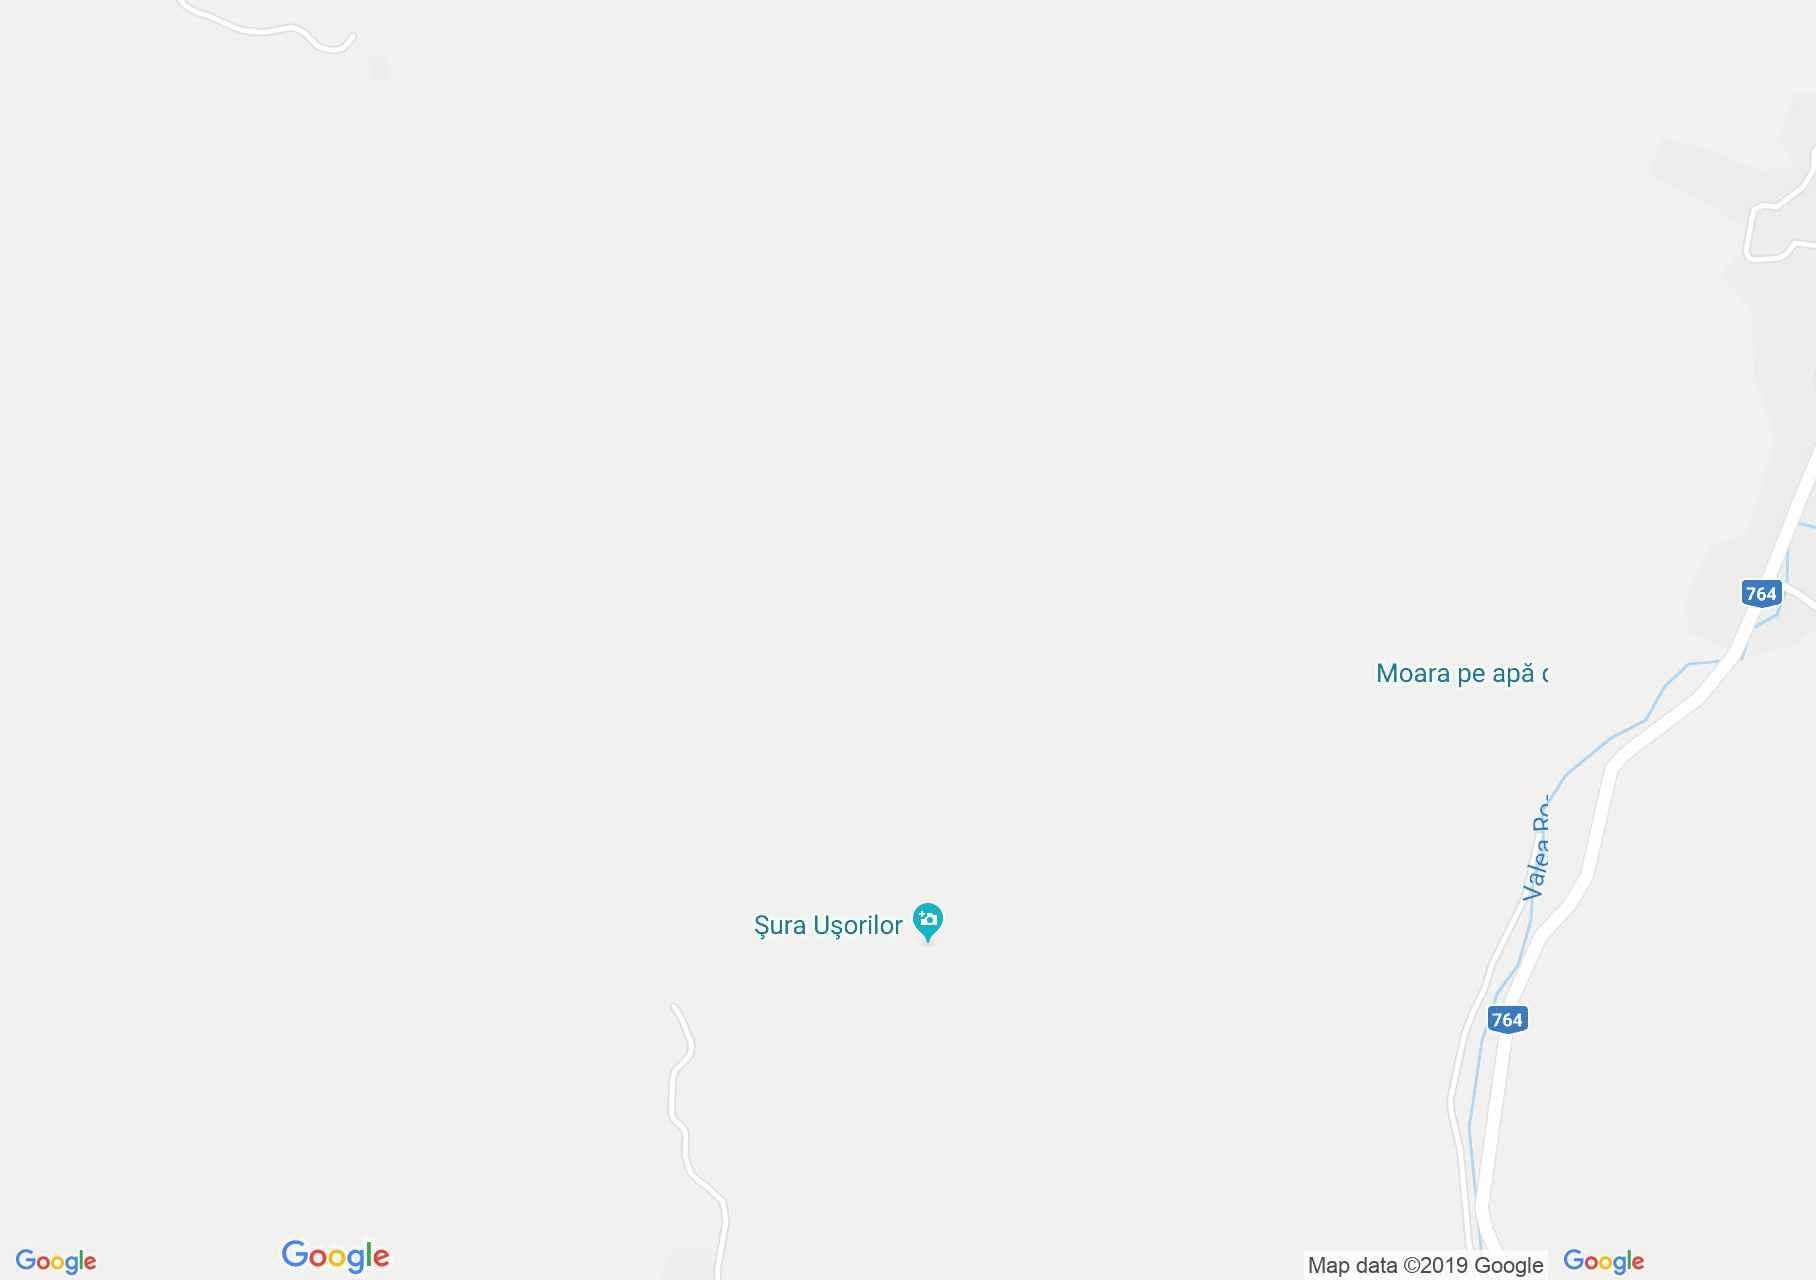 Biharkaba: Şura Uşorilor, Királyerdő (térkép)